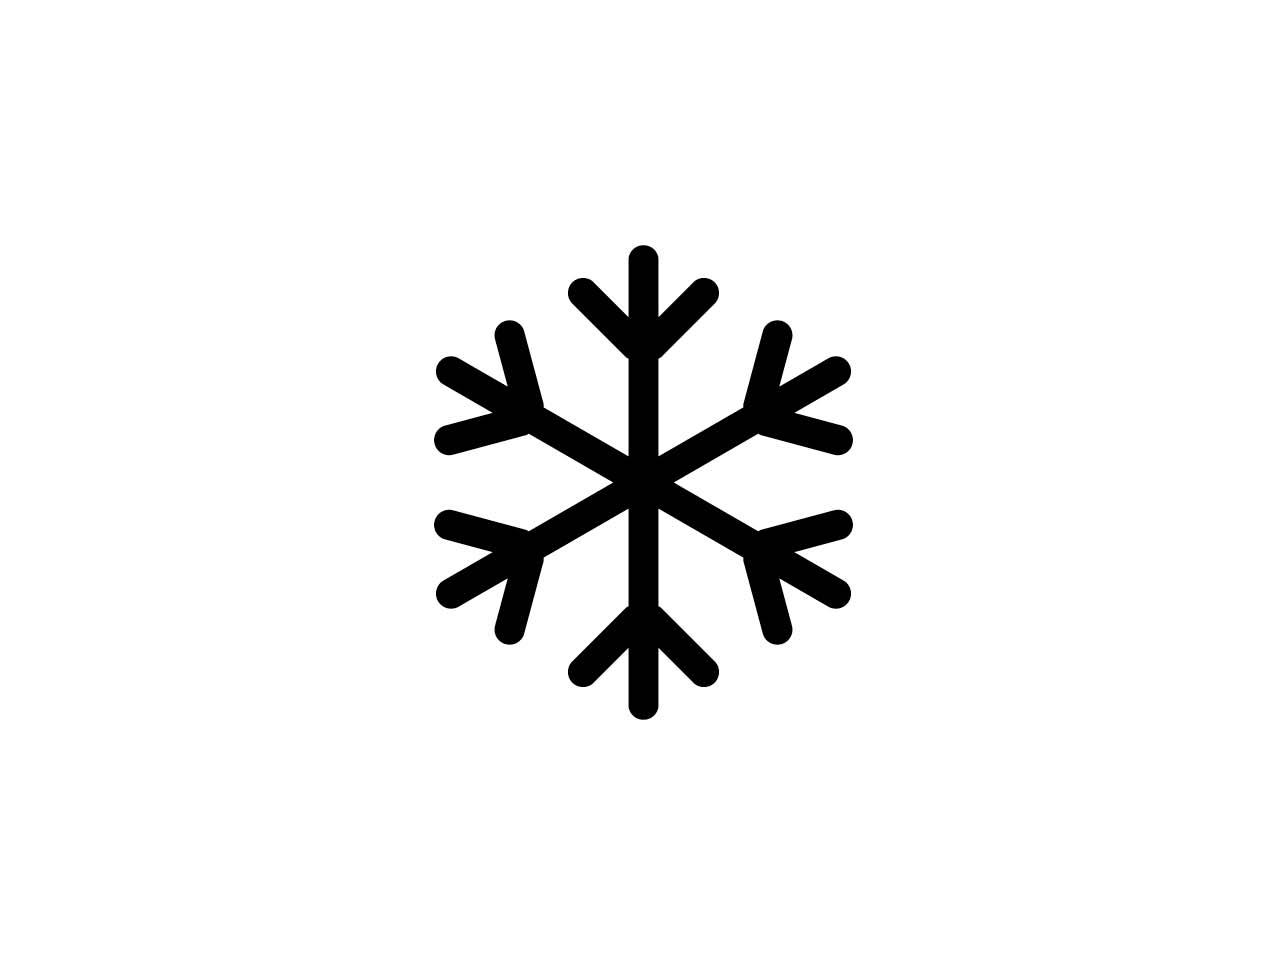 Das Zeichen Schneeflocke auf Winterreifen ist inzwischen veraltet.